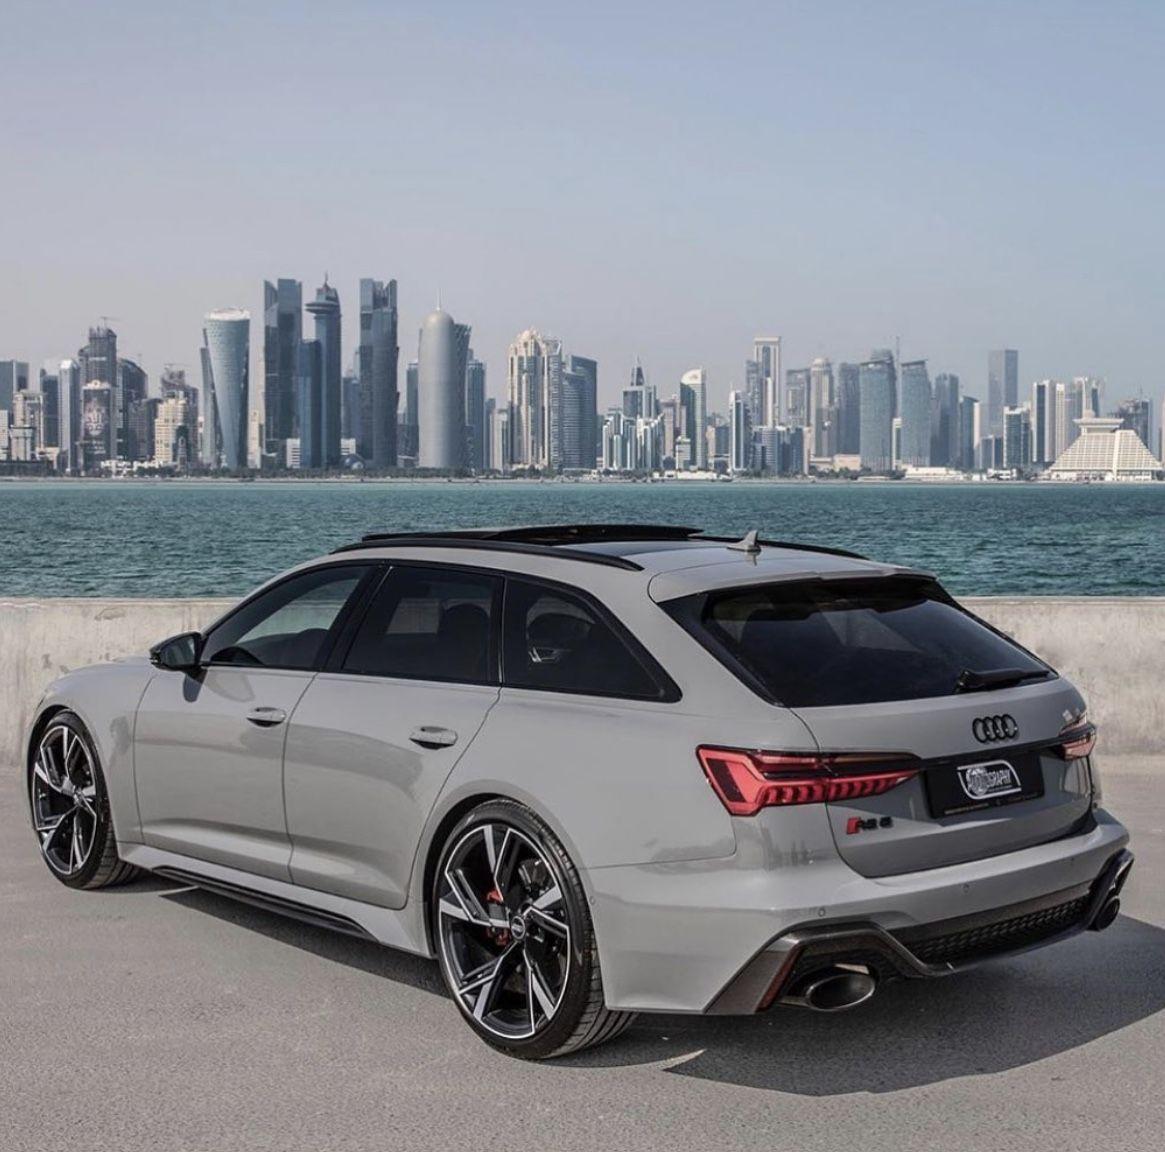 Epingle Par Jan Valco Sur Audi En 2020 Voiture Vehicule